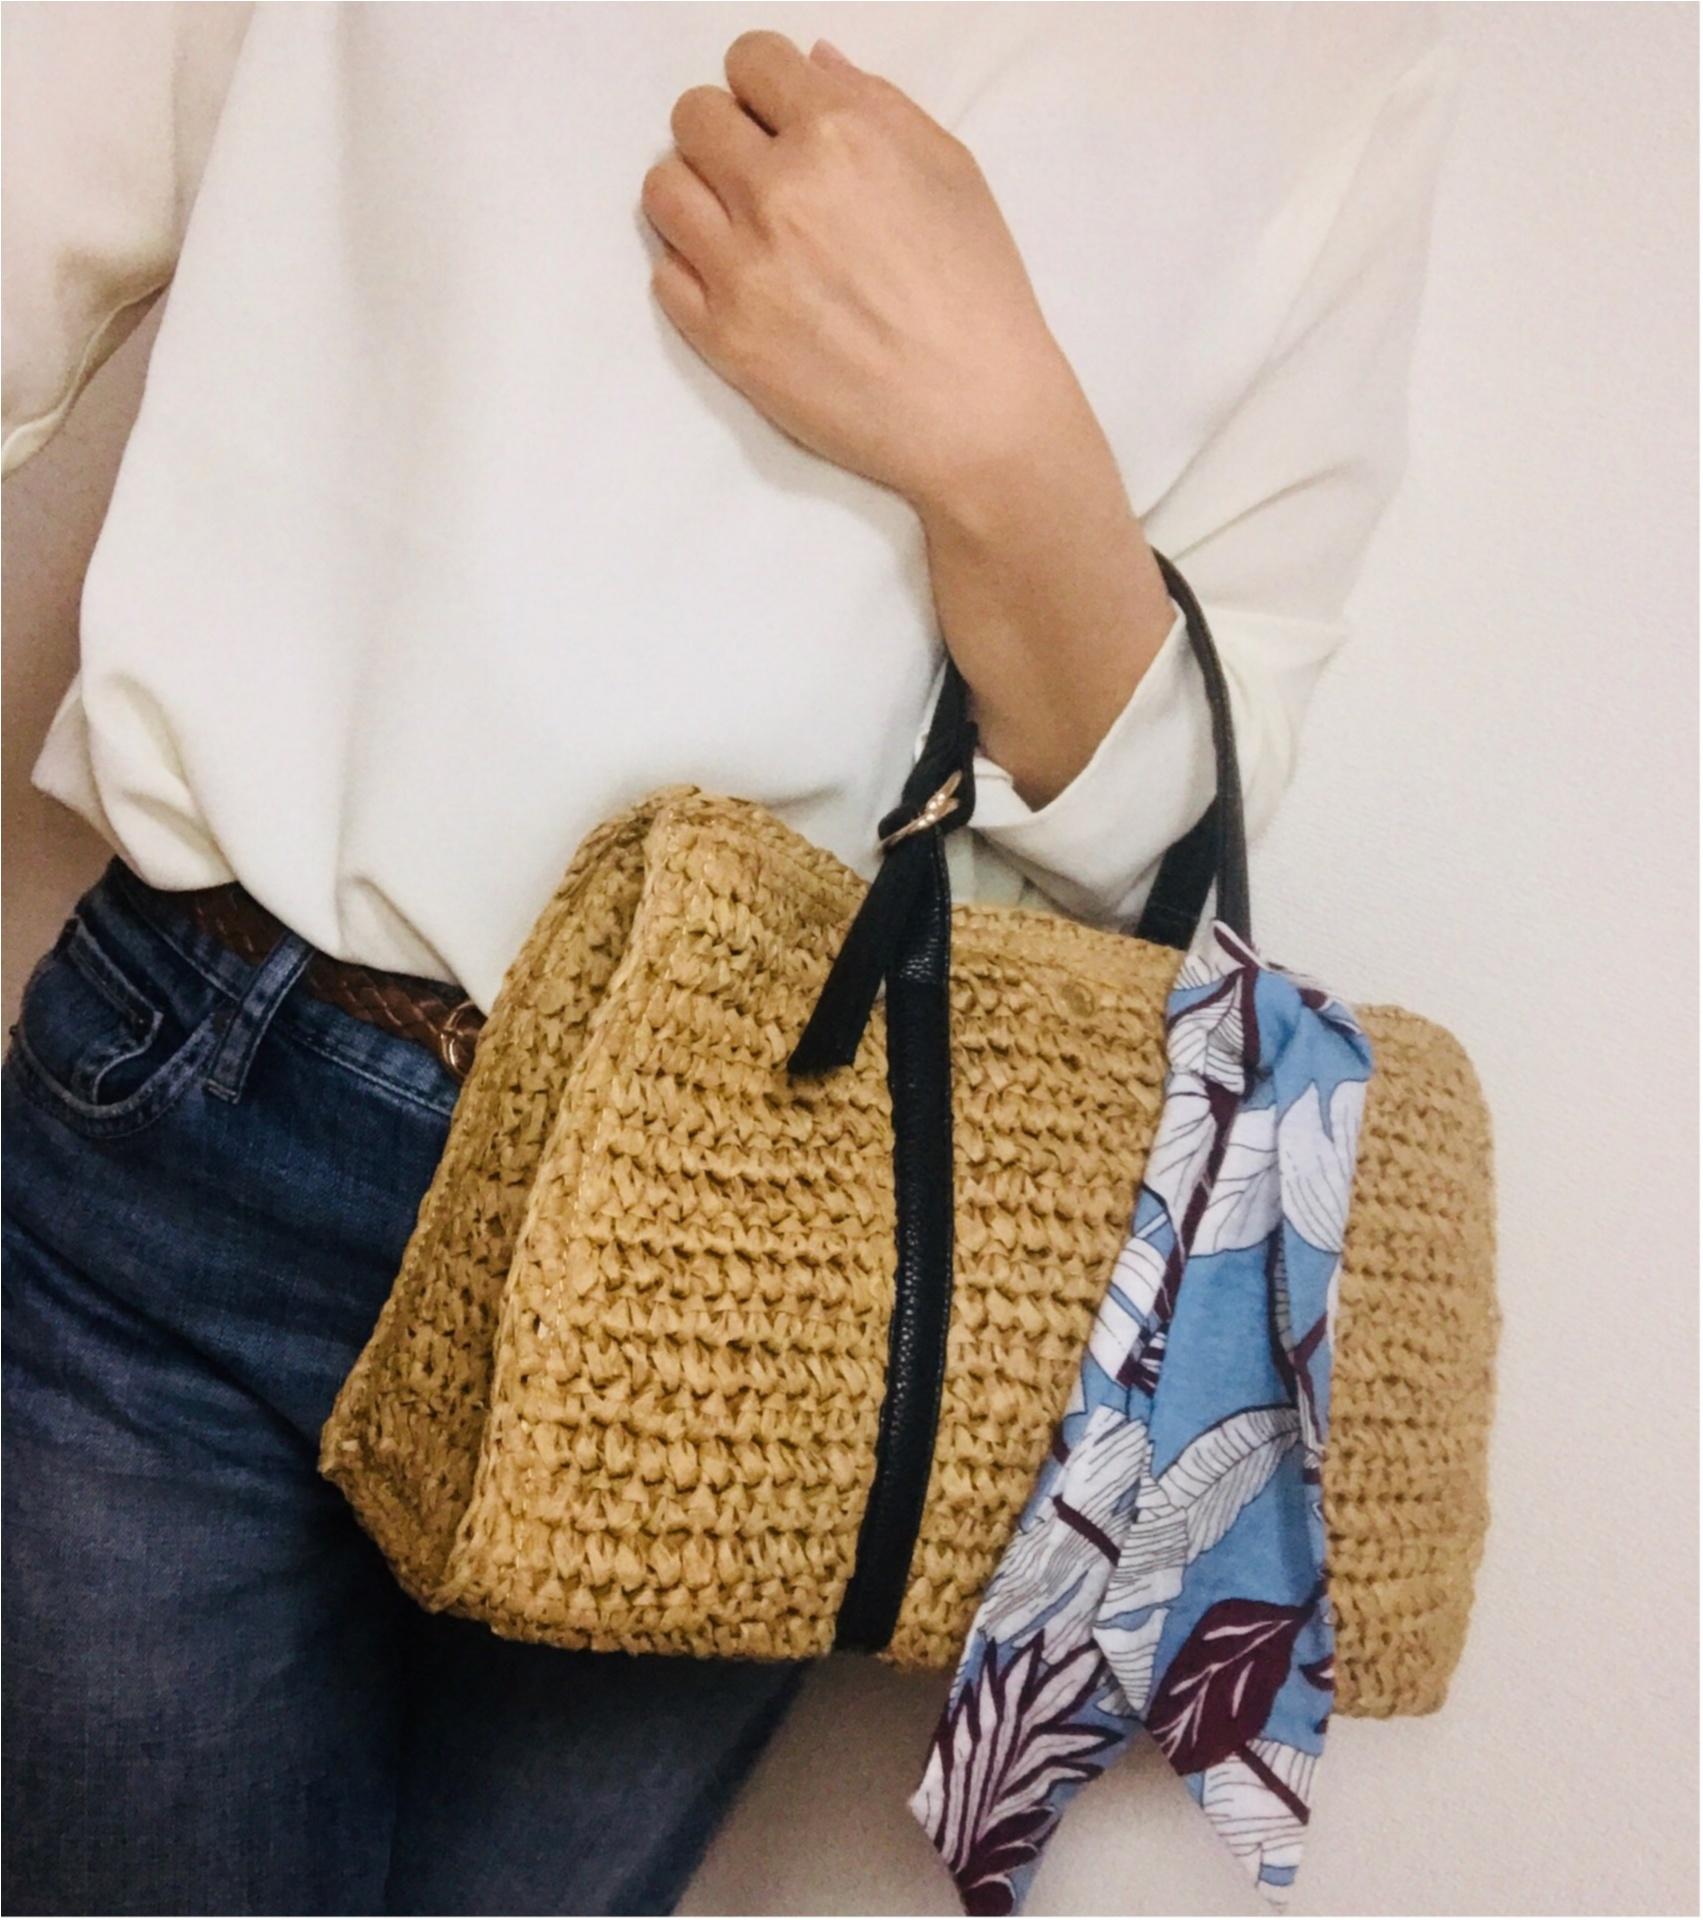 みんなどんなバッグ使ってるの? 憧れブランドもまとめて「愛用バッグ」まとめ♡♡_1_23